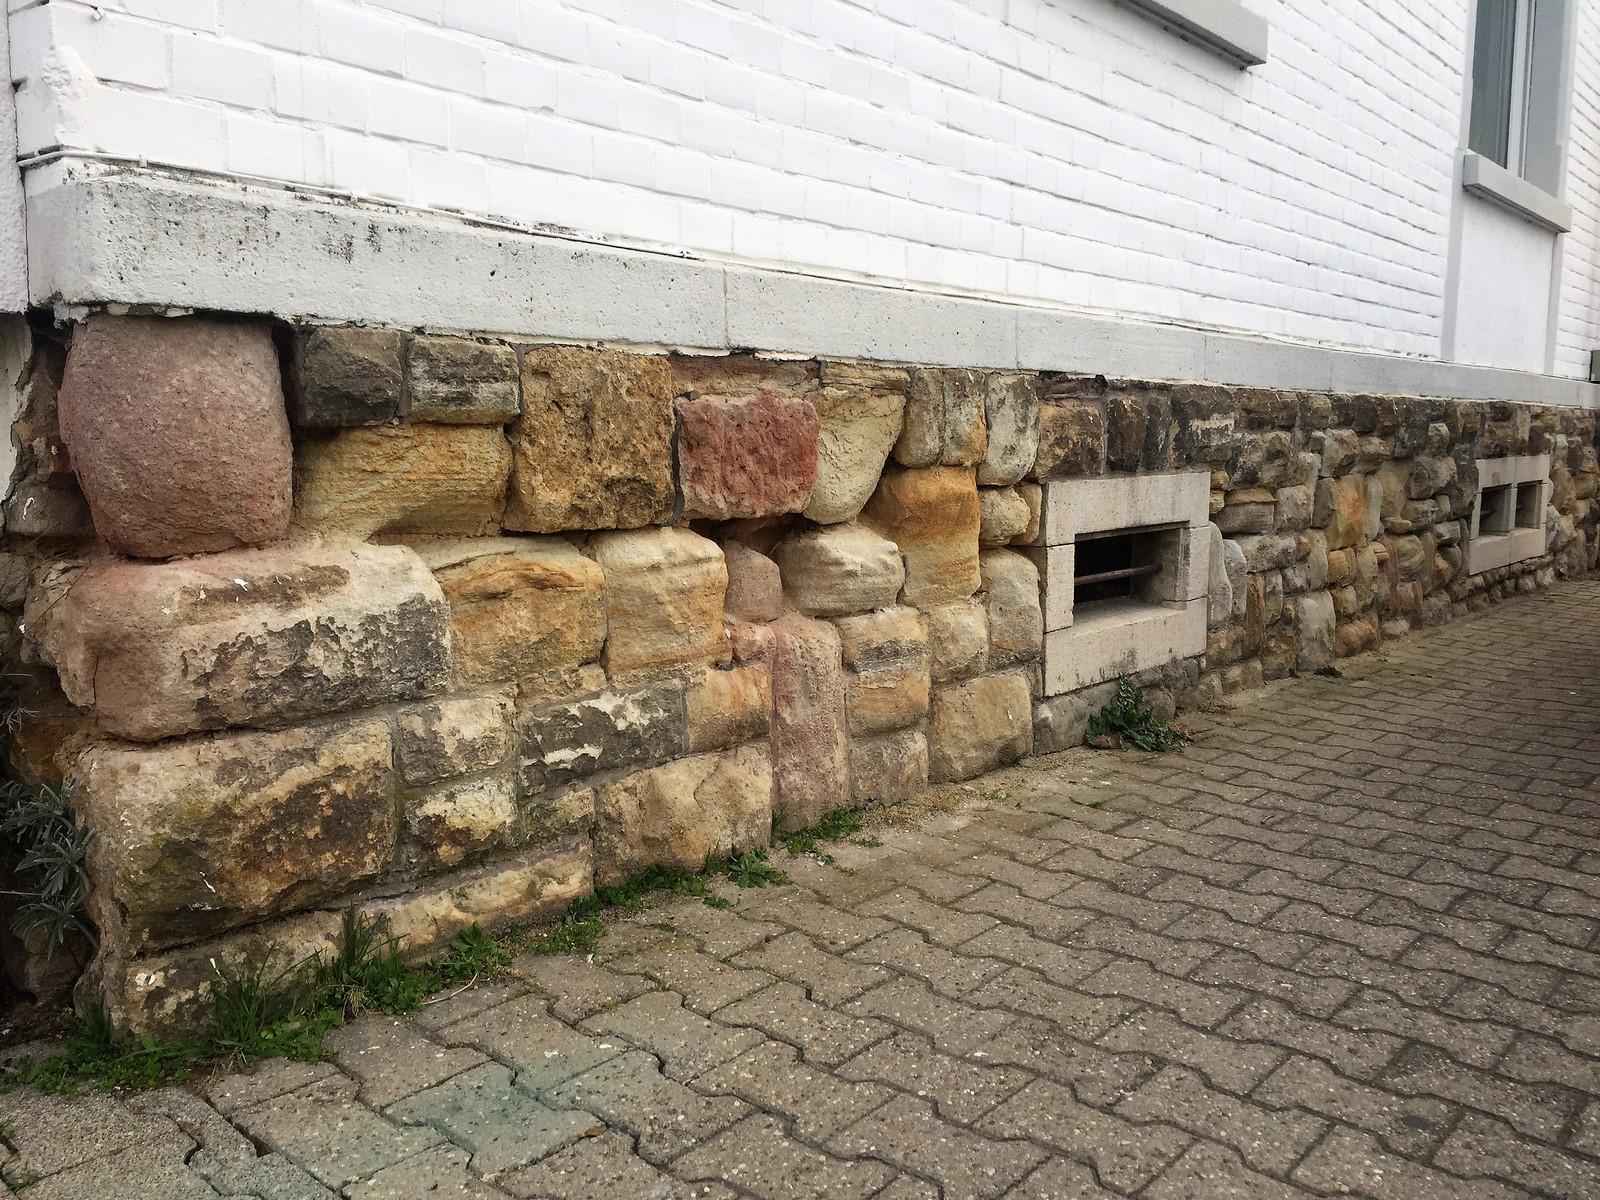 Haussockel aus Bruchsteinen